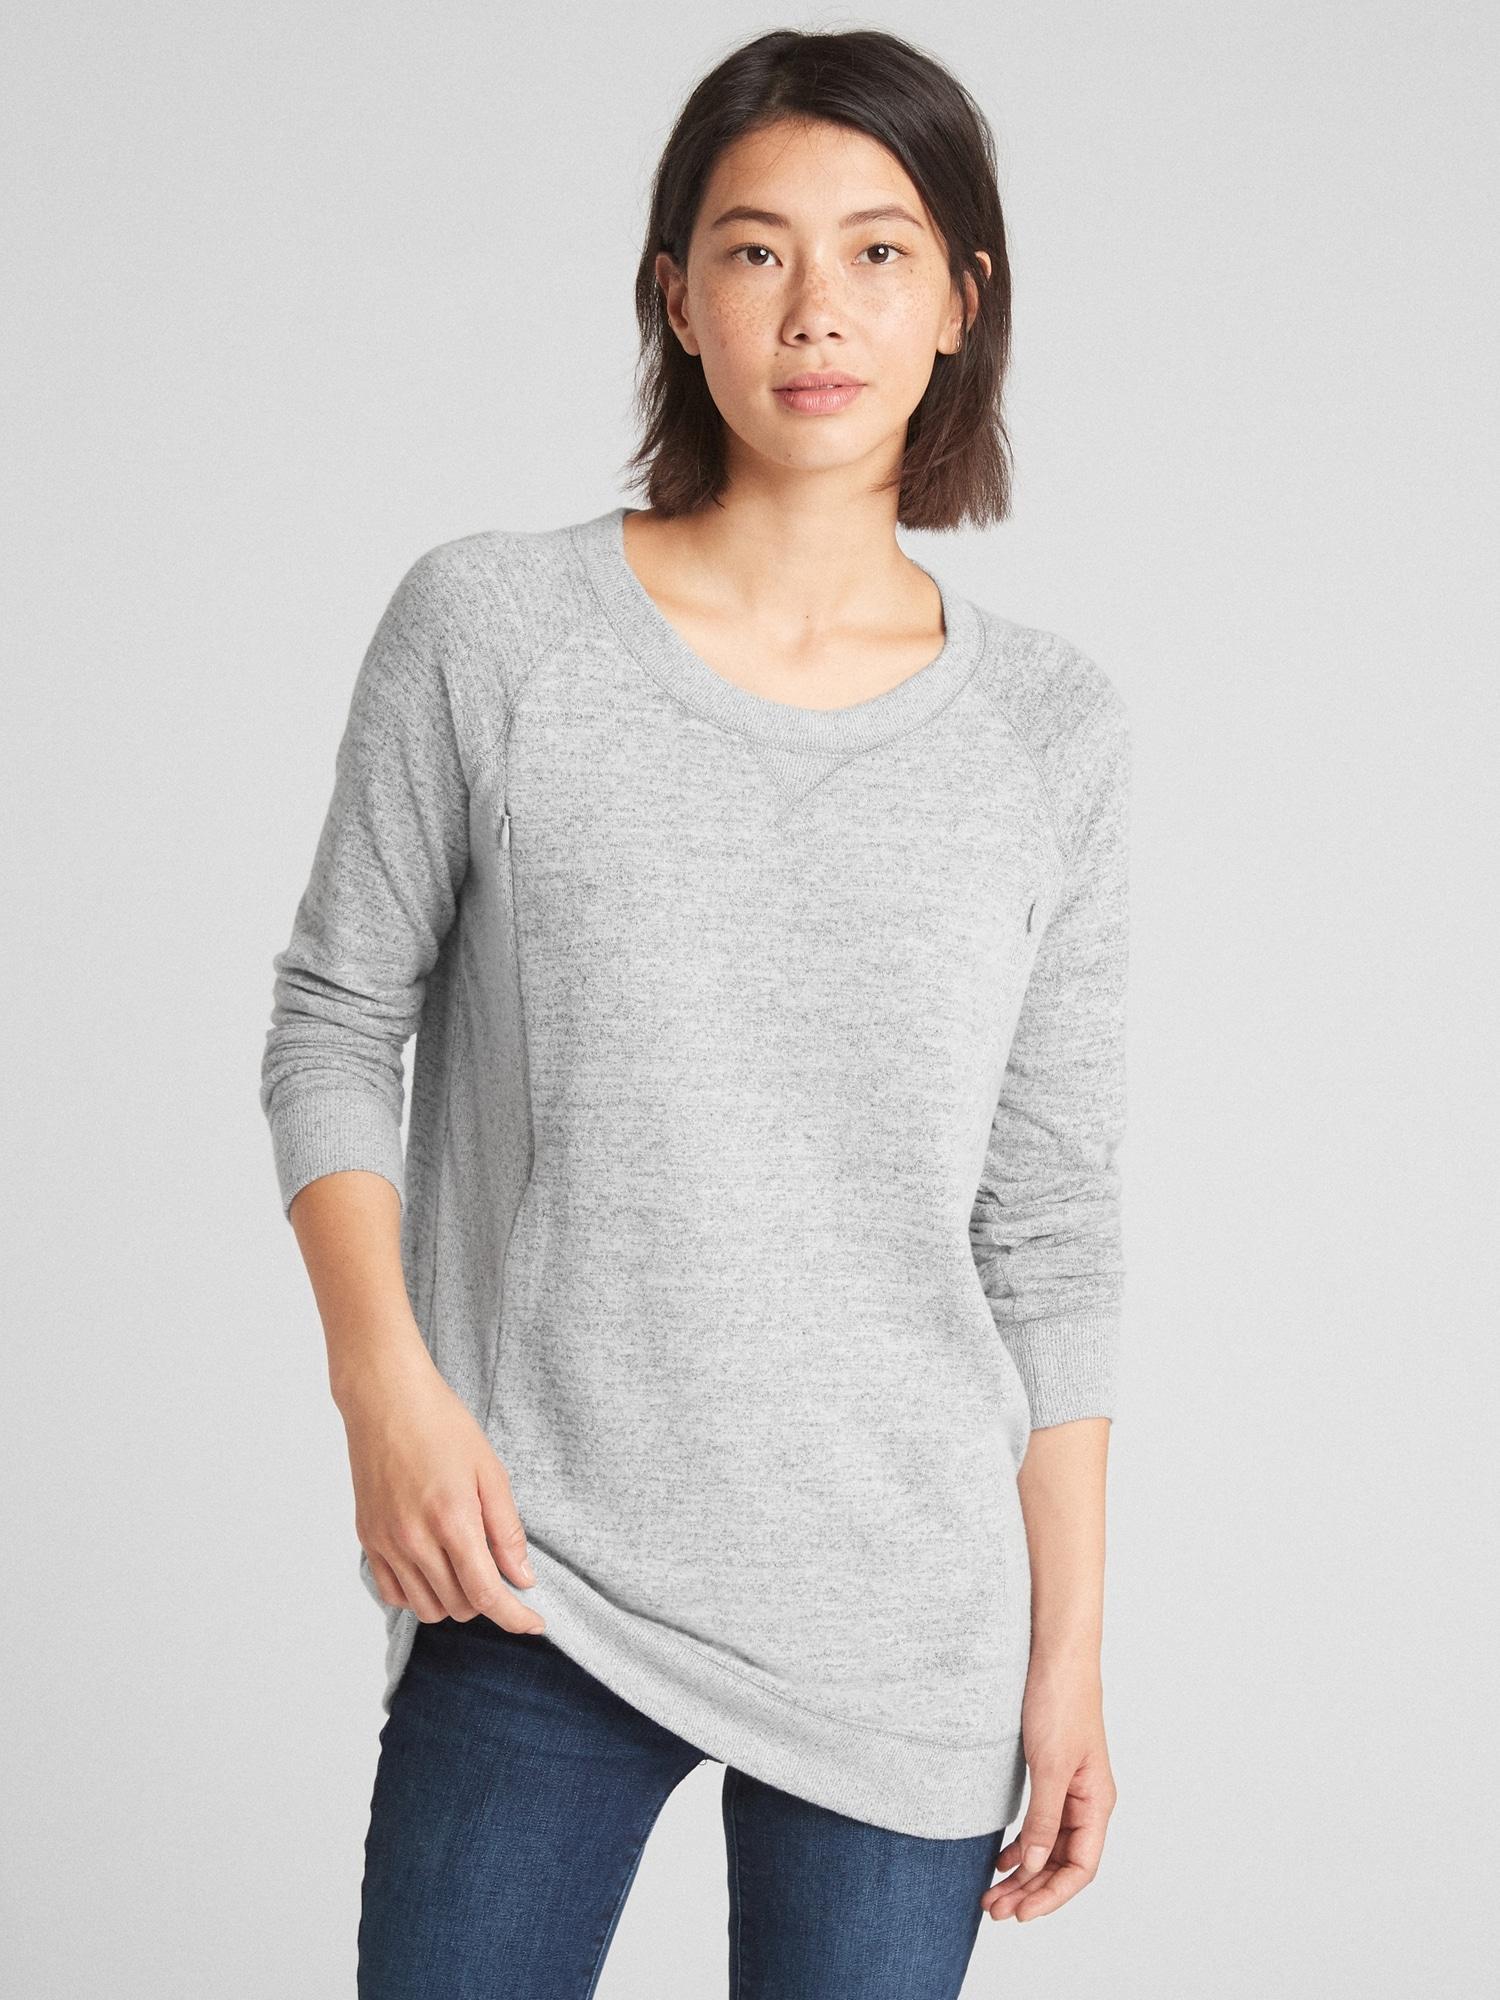 Lyst - Gap Maternity Marled Nursing Pullover Sweatshirt in Gray f1f0c2a0e